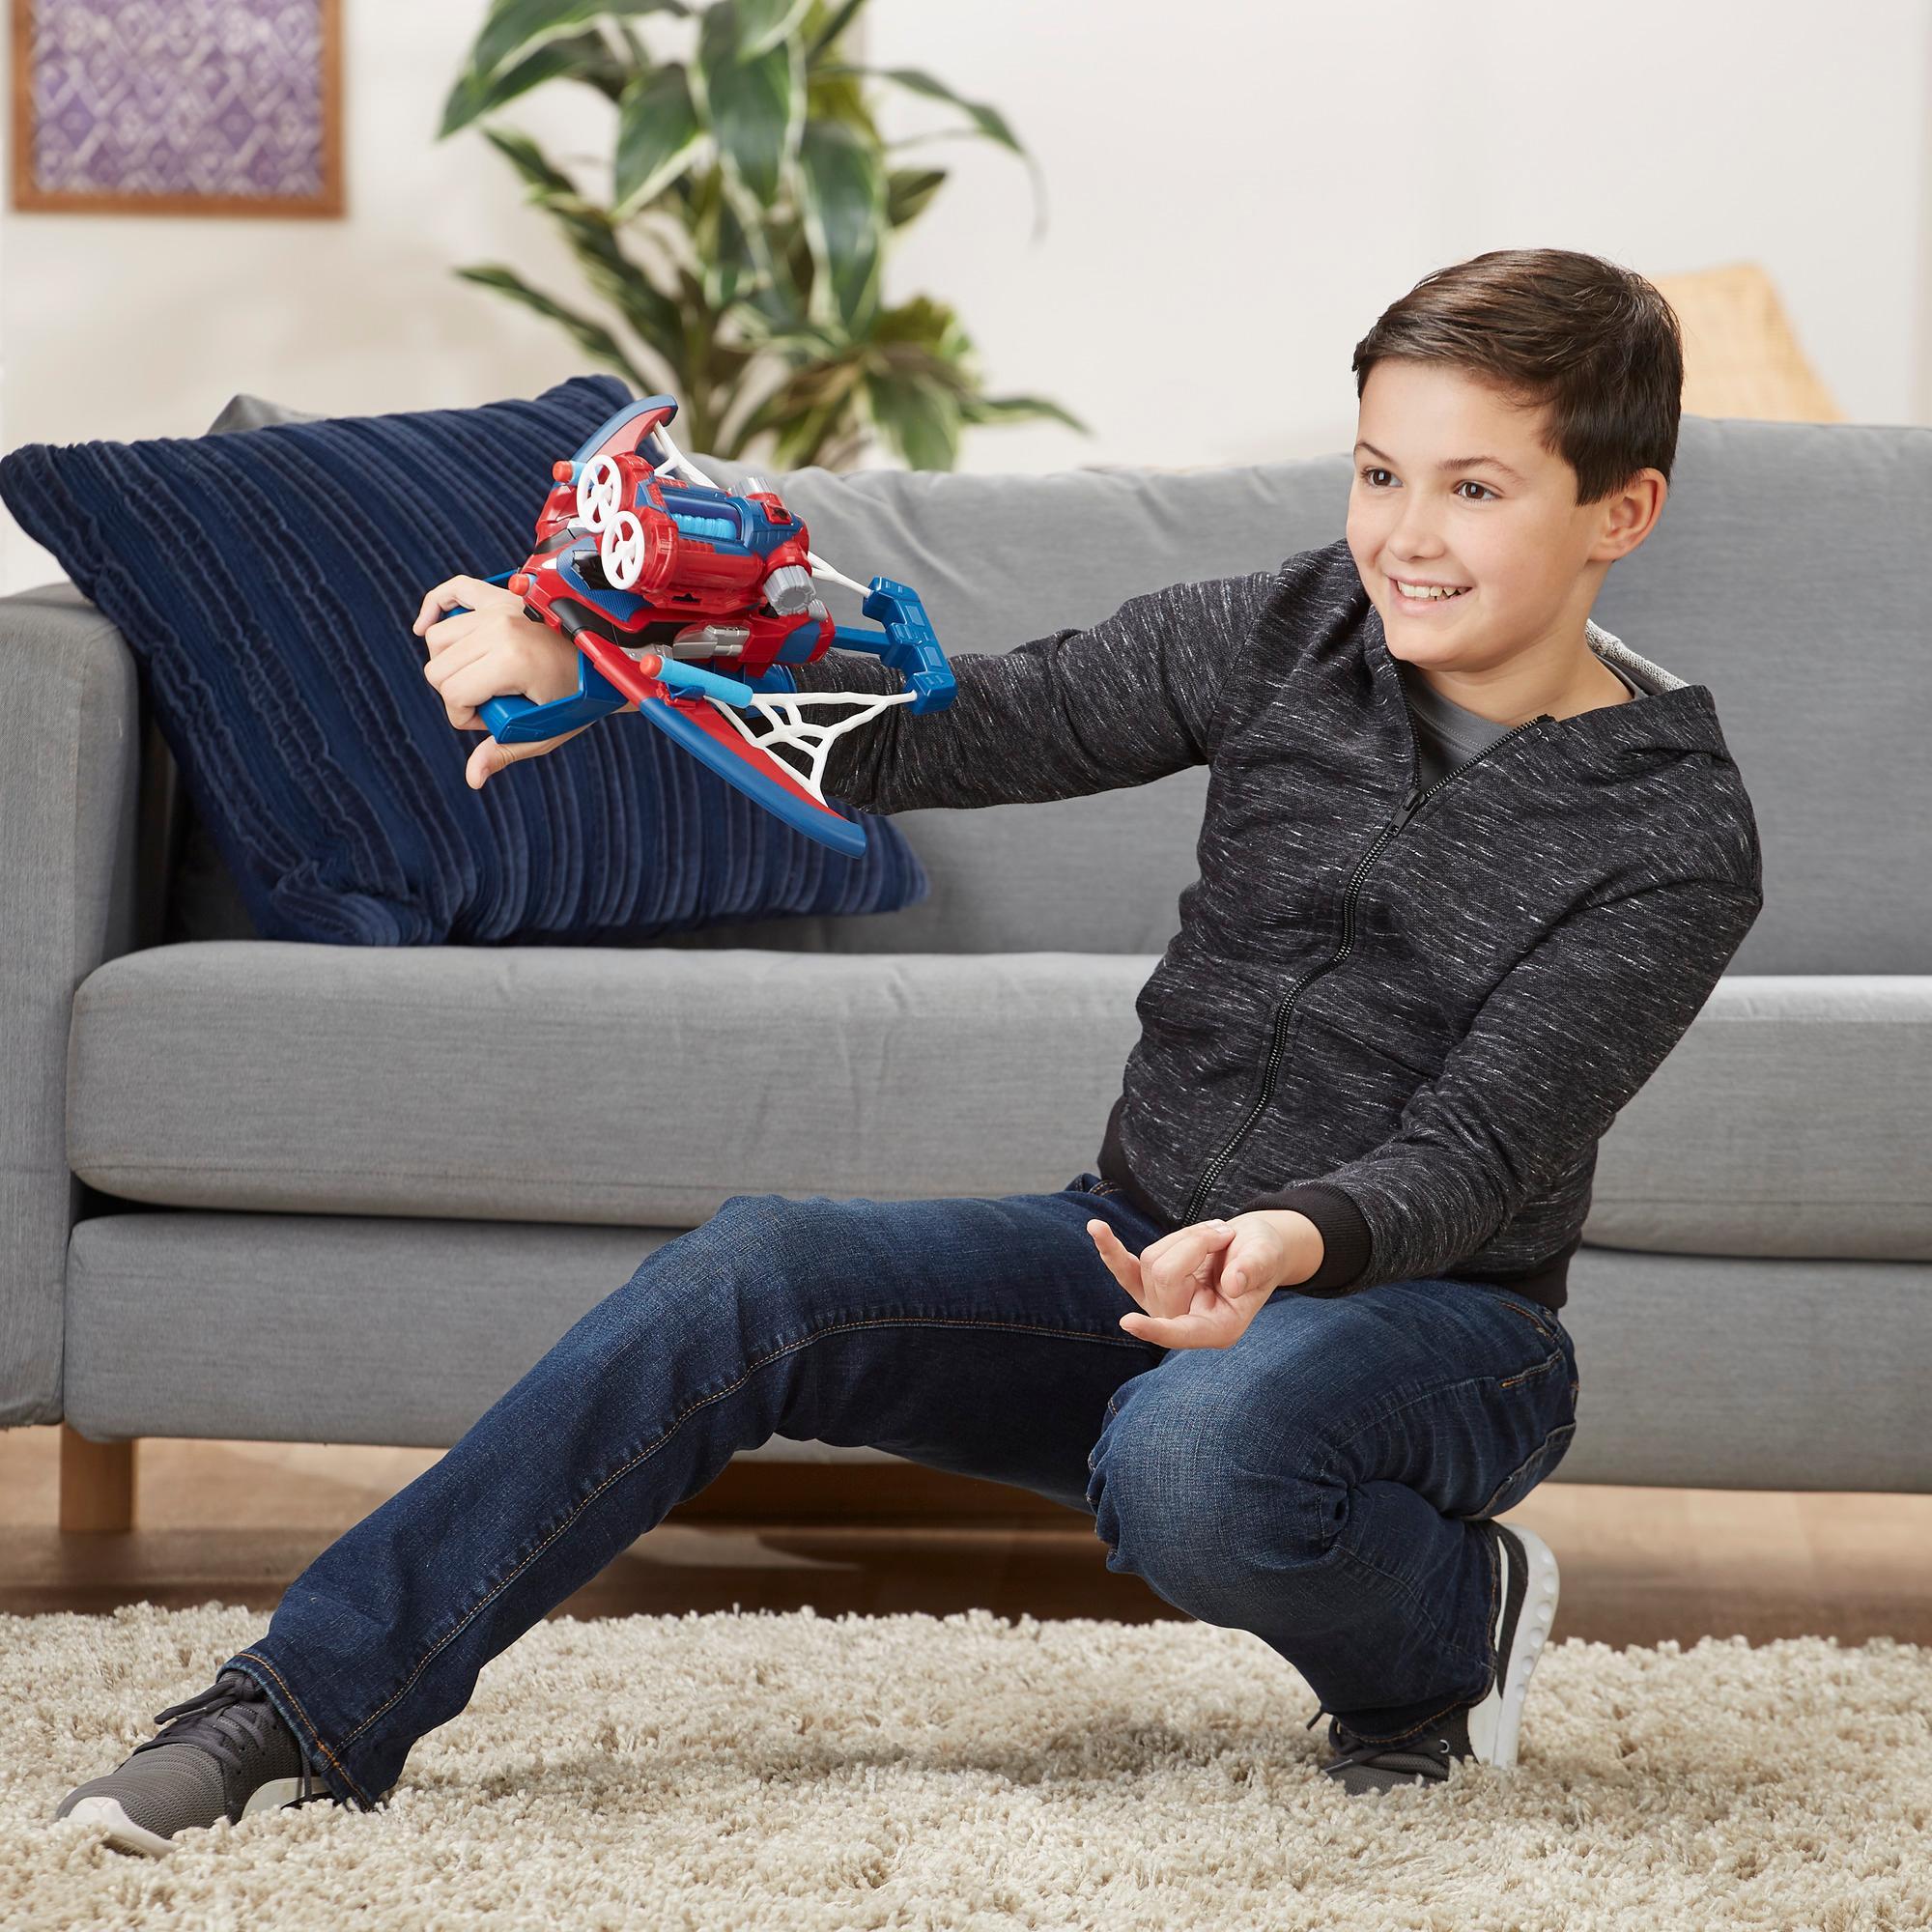 Foudroyeur jouet Arachno-arbalète à technologie NERF Spider-Man Webshots, pour enfants de 5 ans et plus